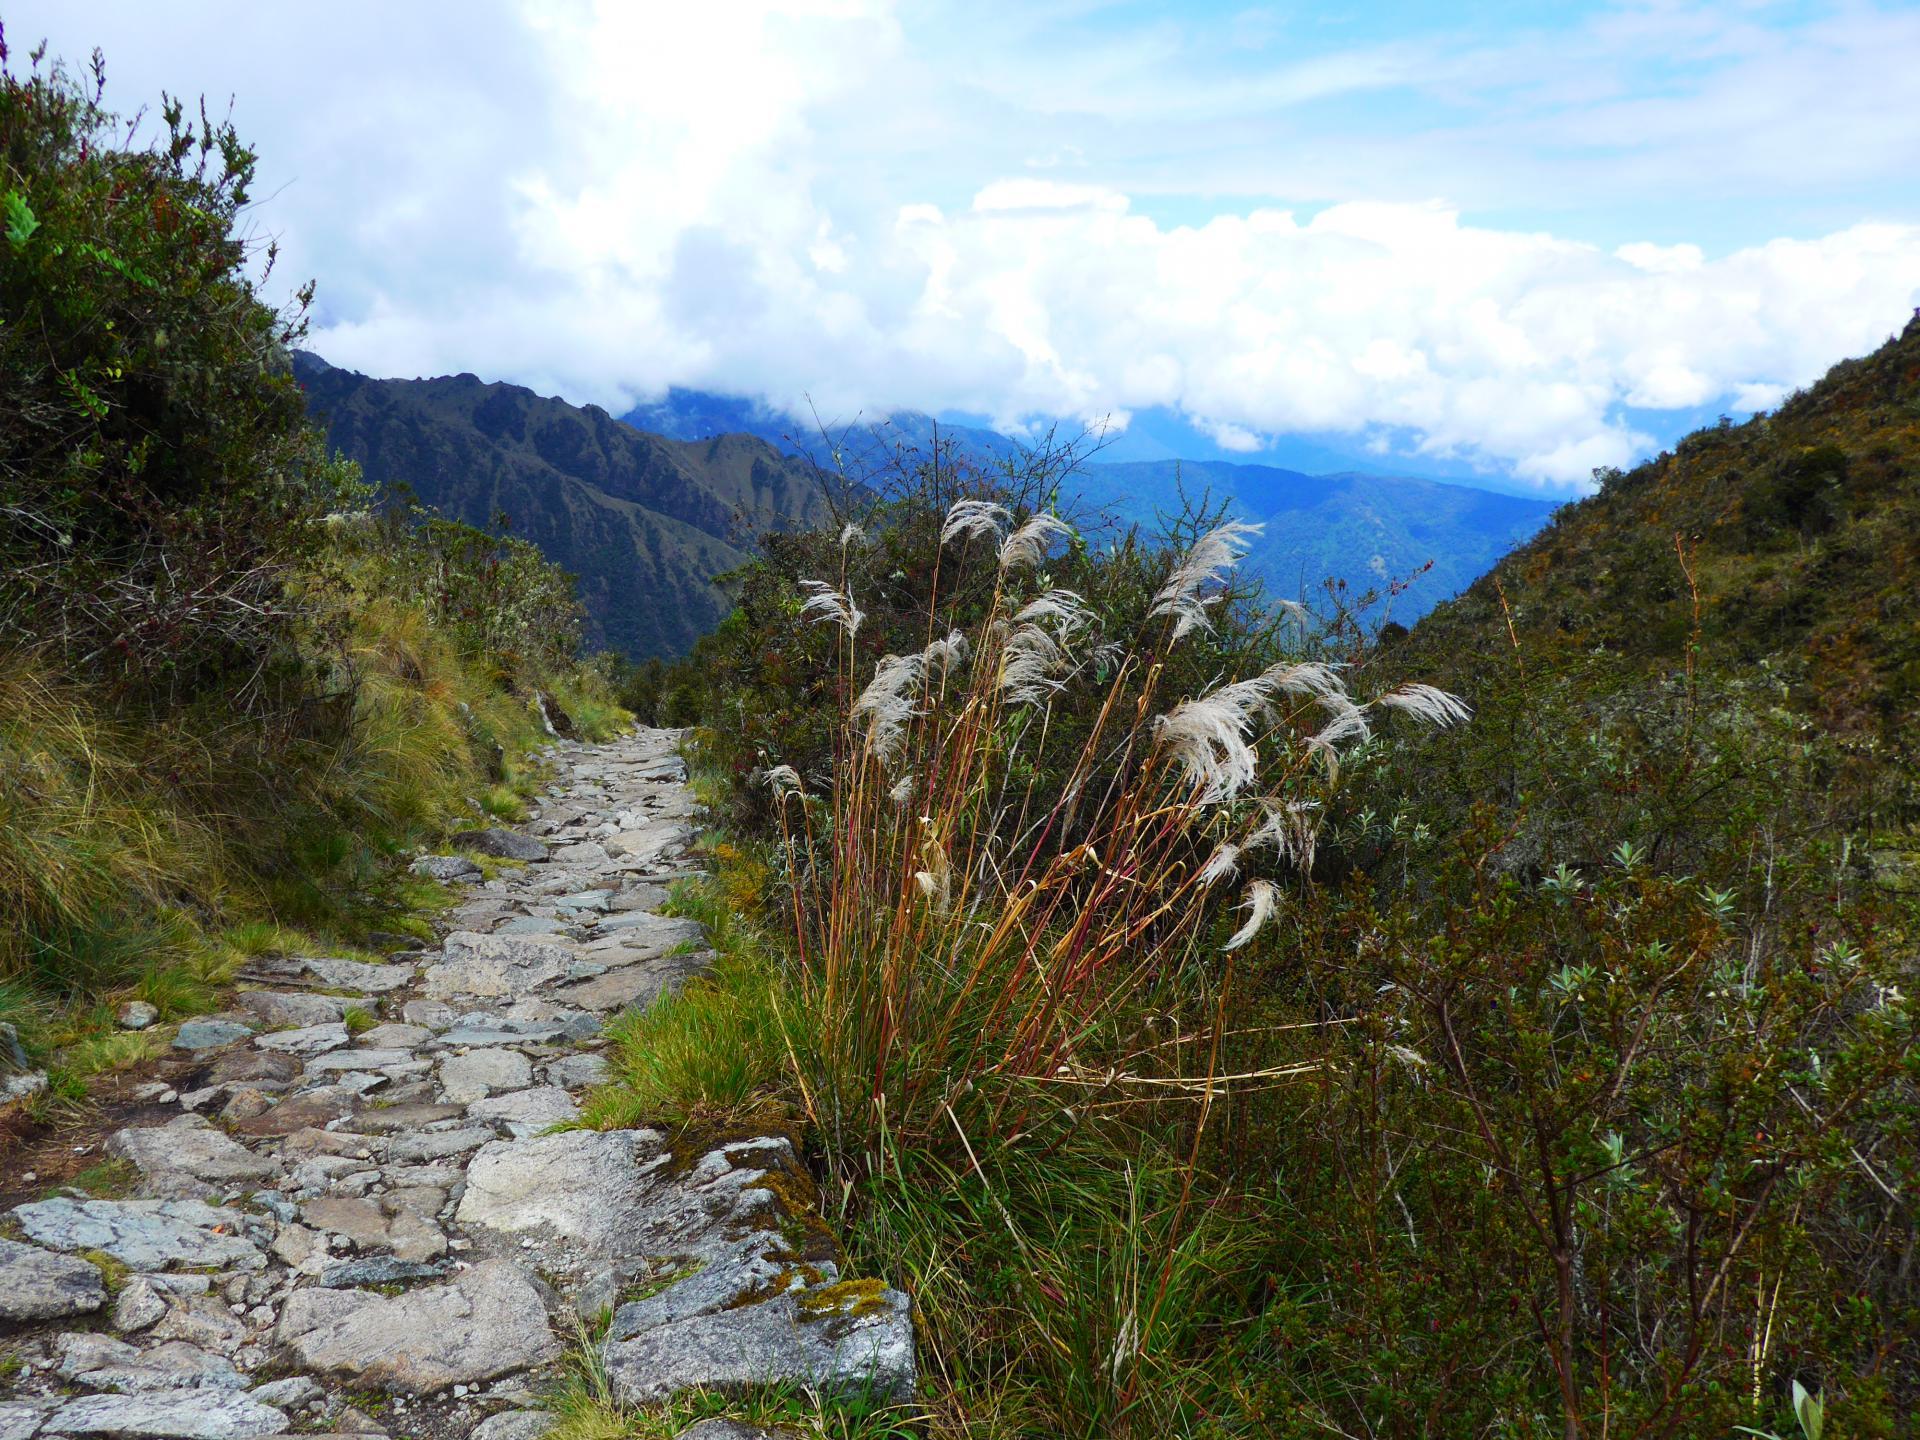 Erleben Sie eine Wandertour von Salkantay nach Machu Picchu in Peru